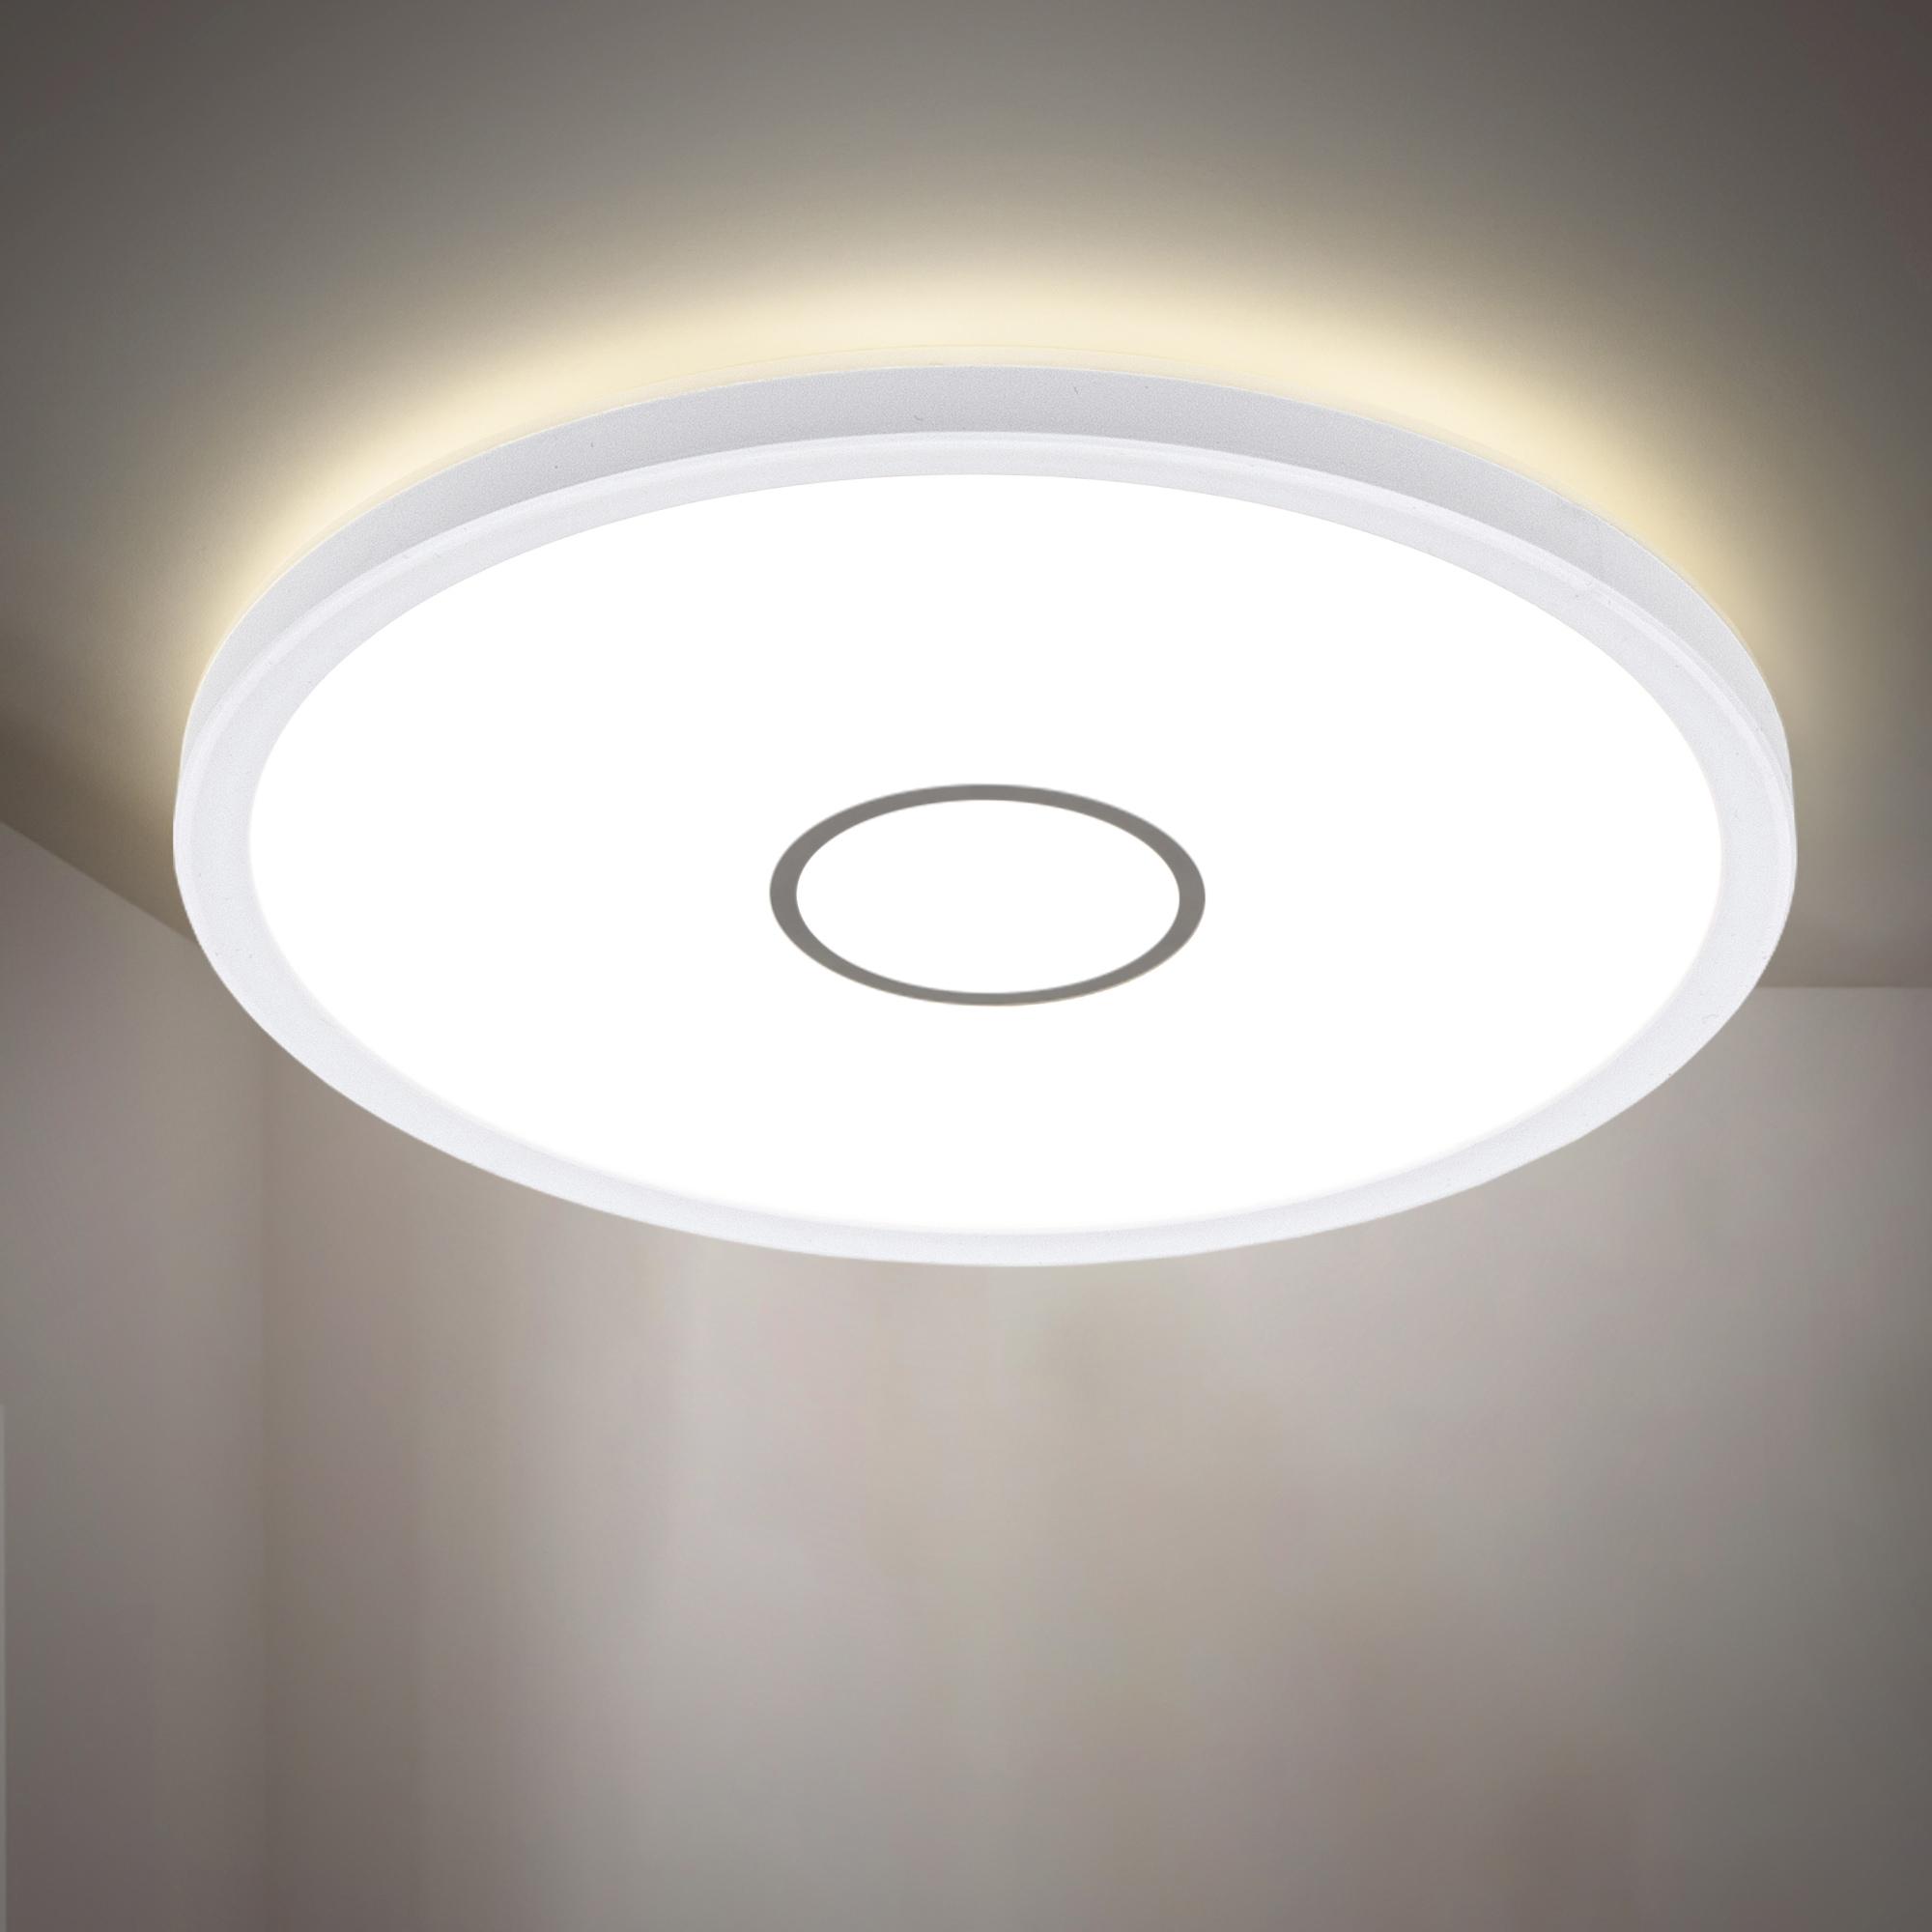 B.K.Licht LED Deckenleuchte, LED-Board, Neutralweiß, LED Deckenlampe ultraflach Panel Wohnzimmer Flur Slim inkl. 18W 2400lm